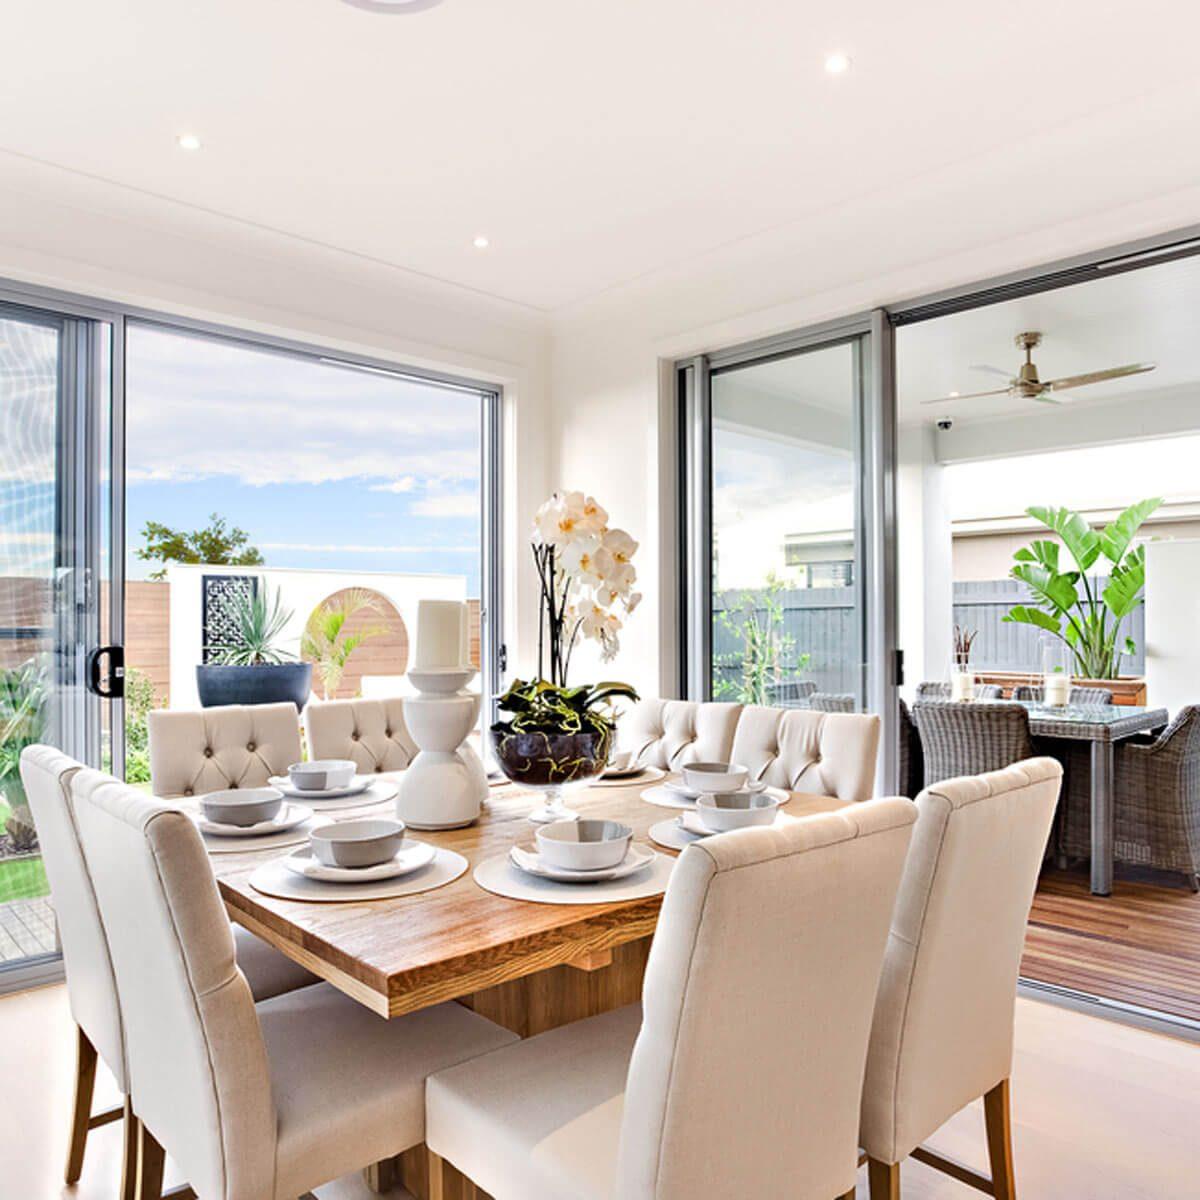 shutterstock_463662353 dining room